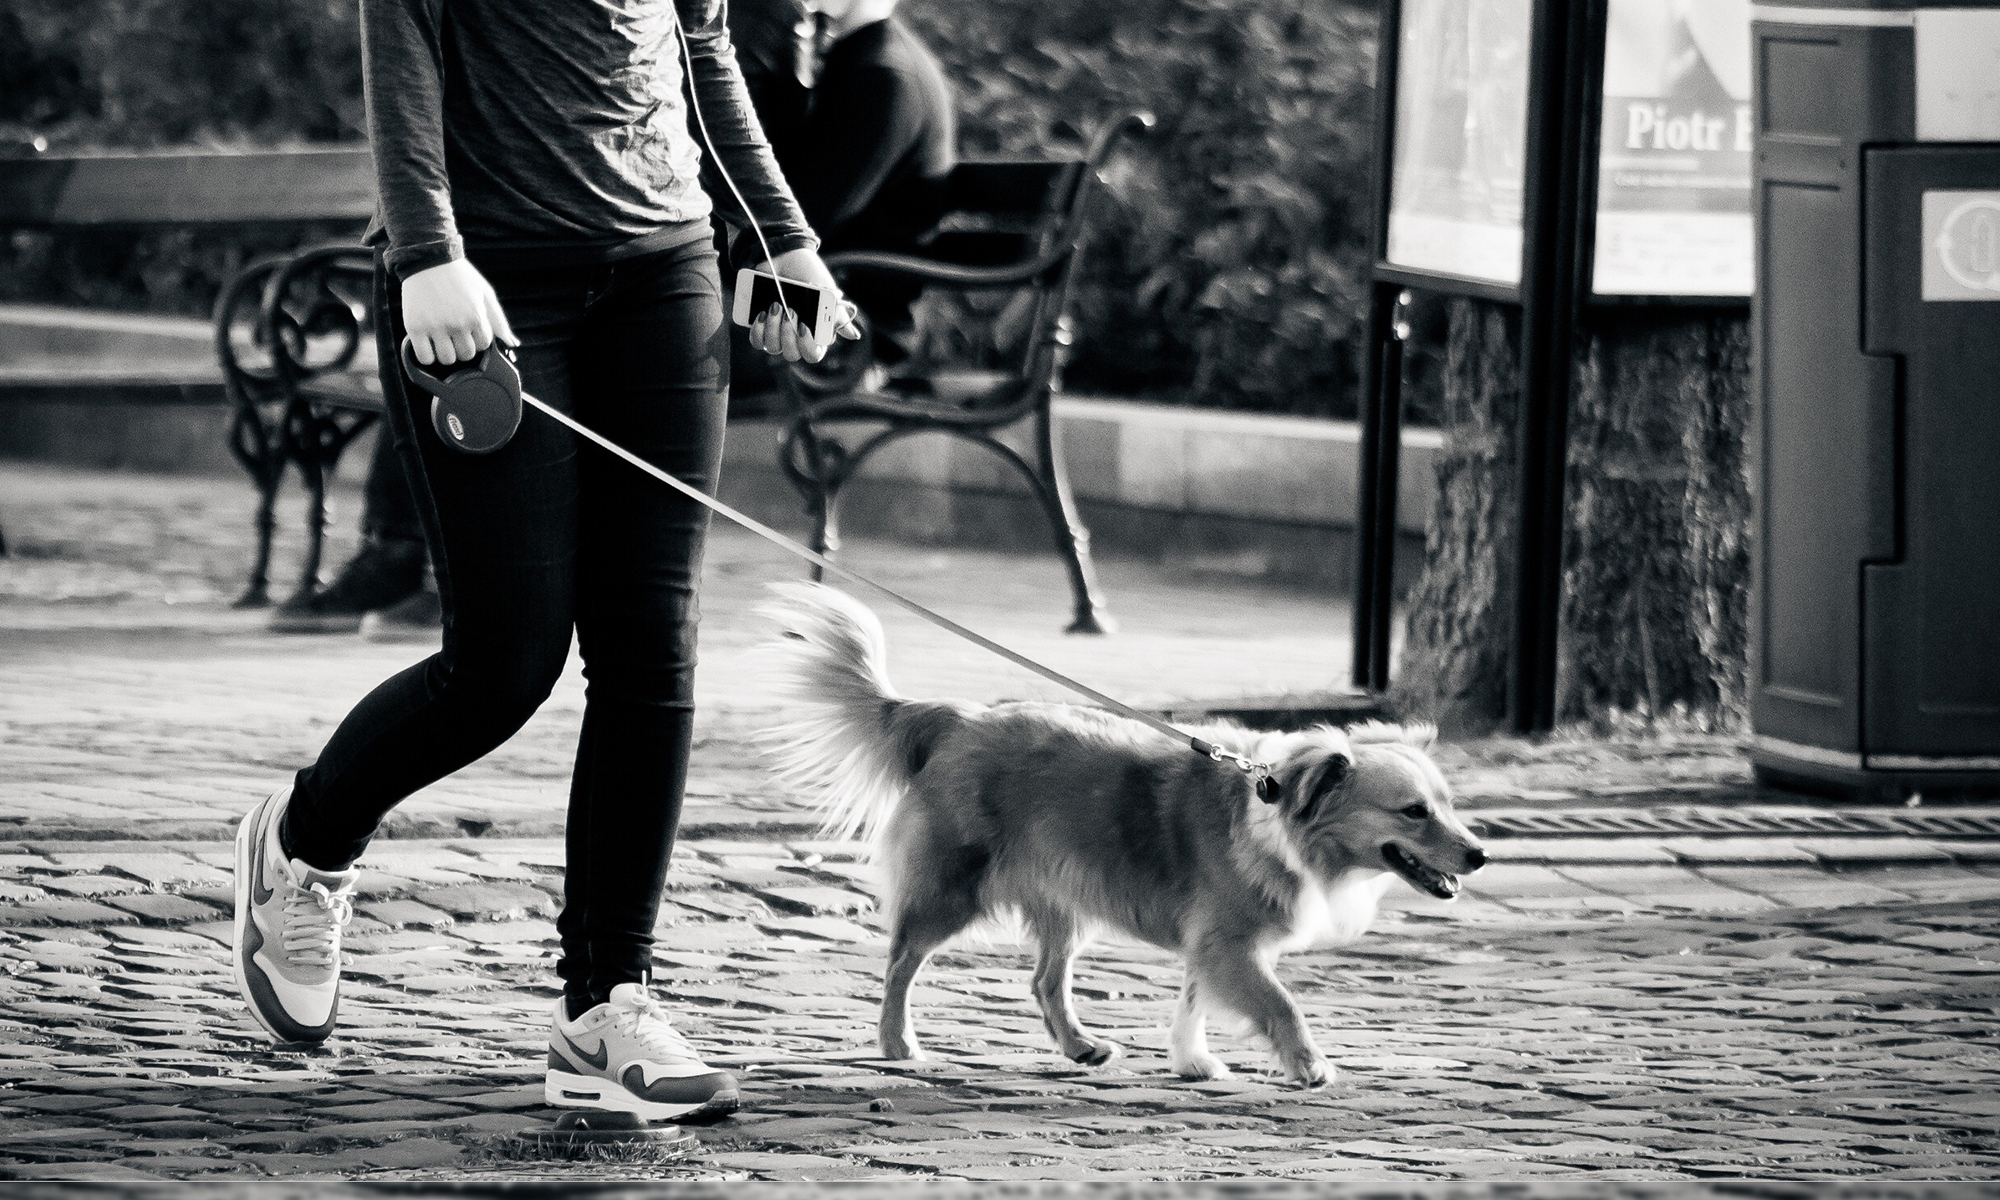 Ô chiens urbains Annecy